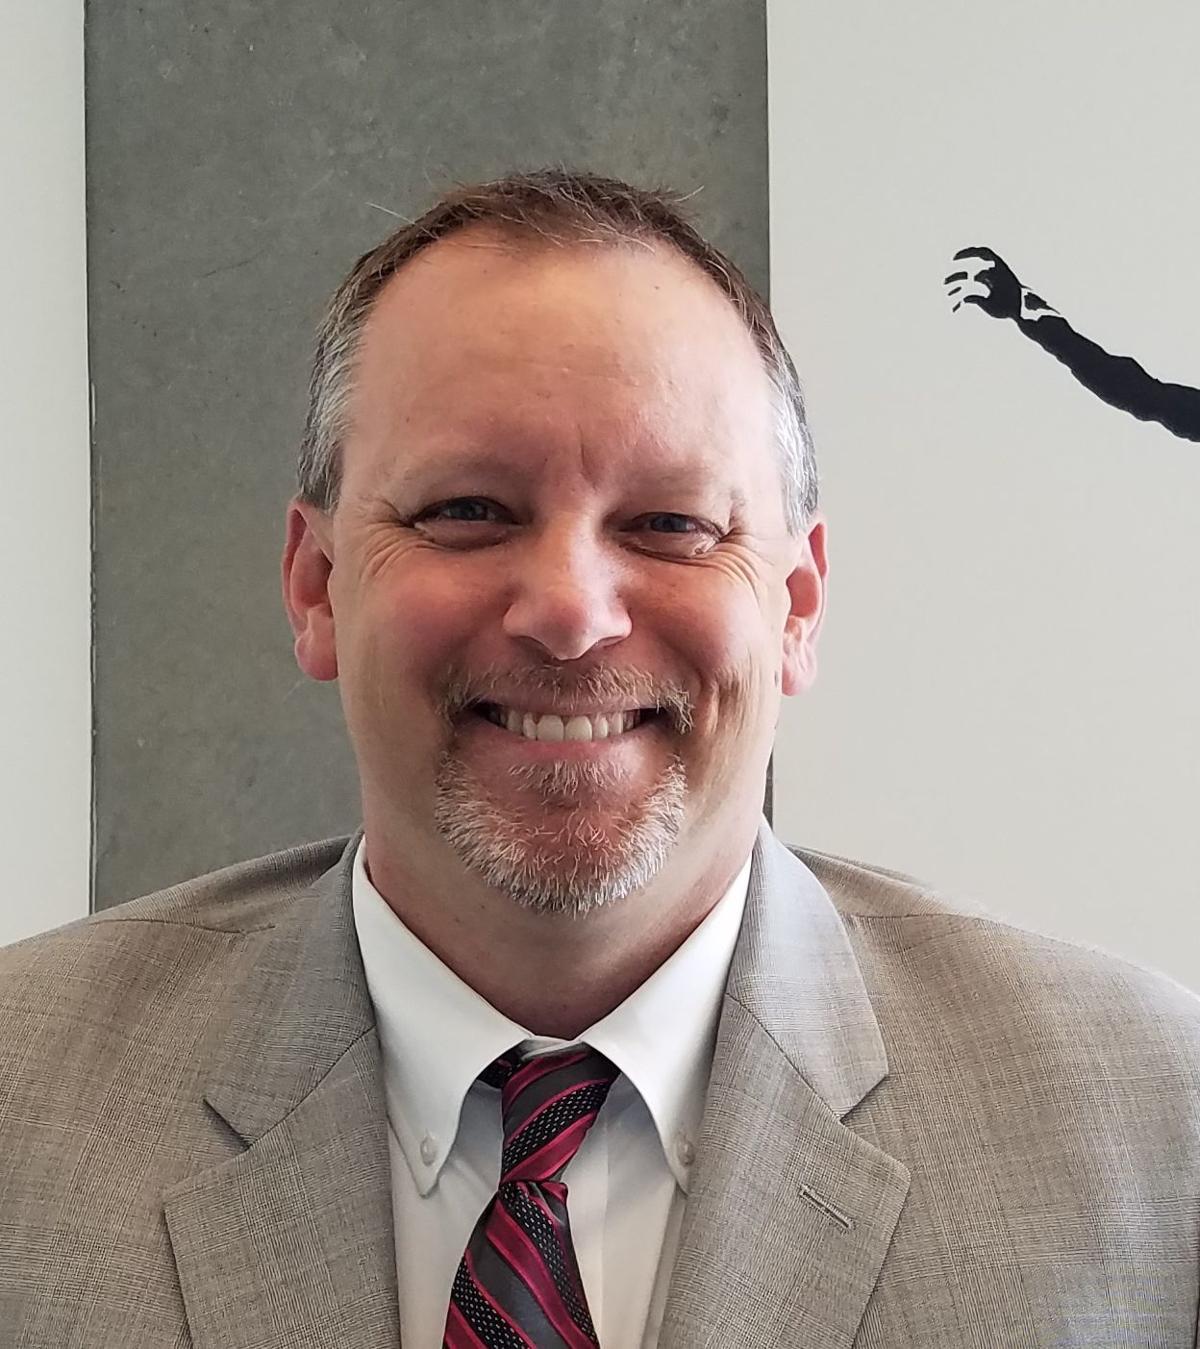 Rev. Mark Brandt